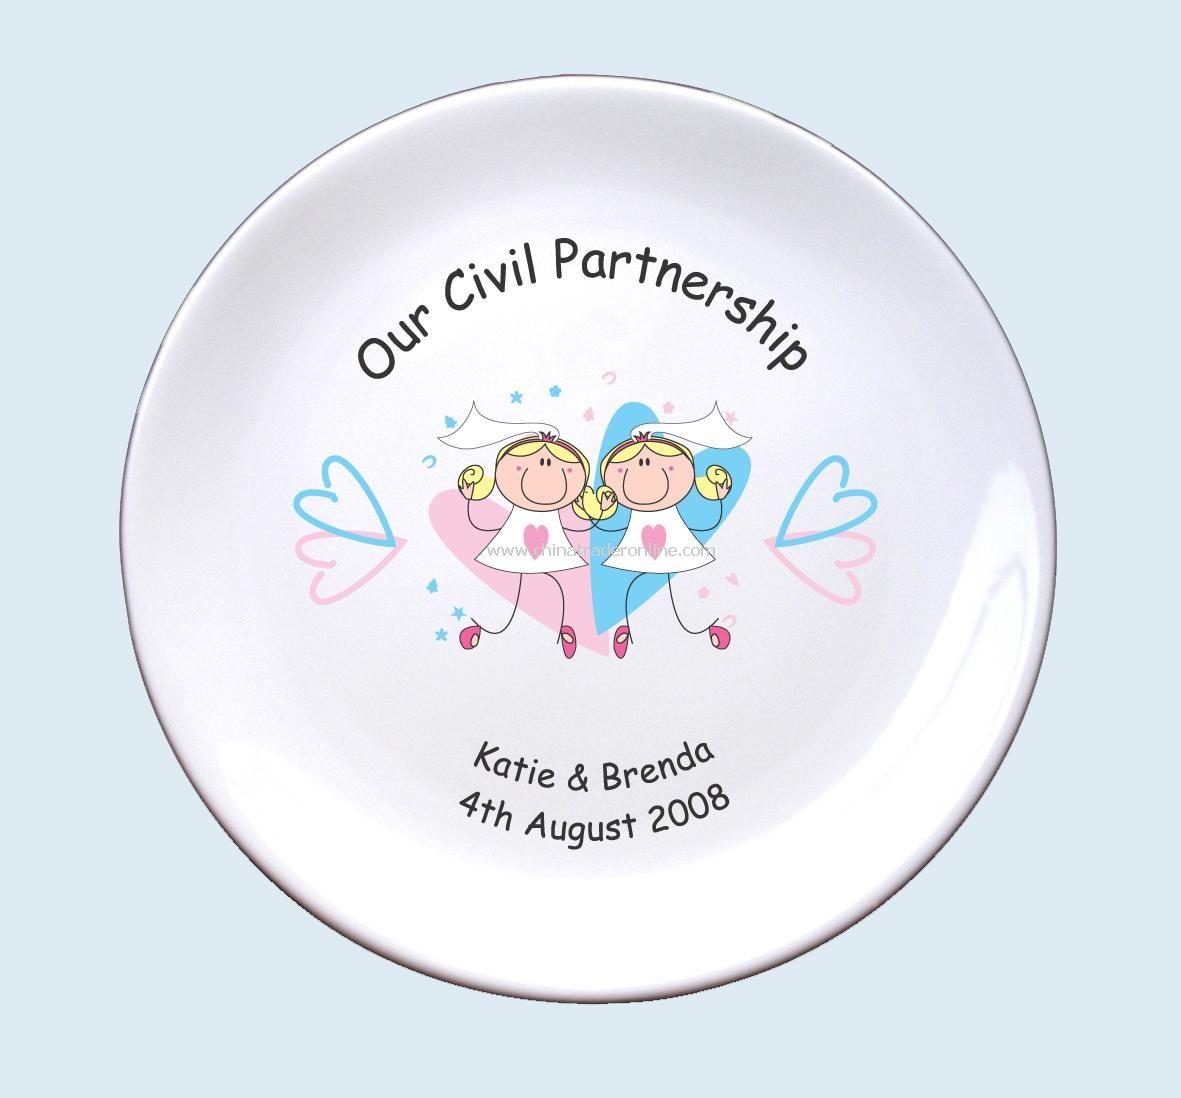 Civil Partnership Plate Mrs & Mrs